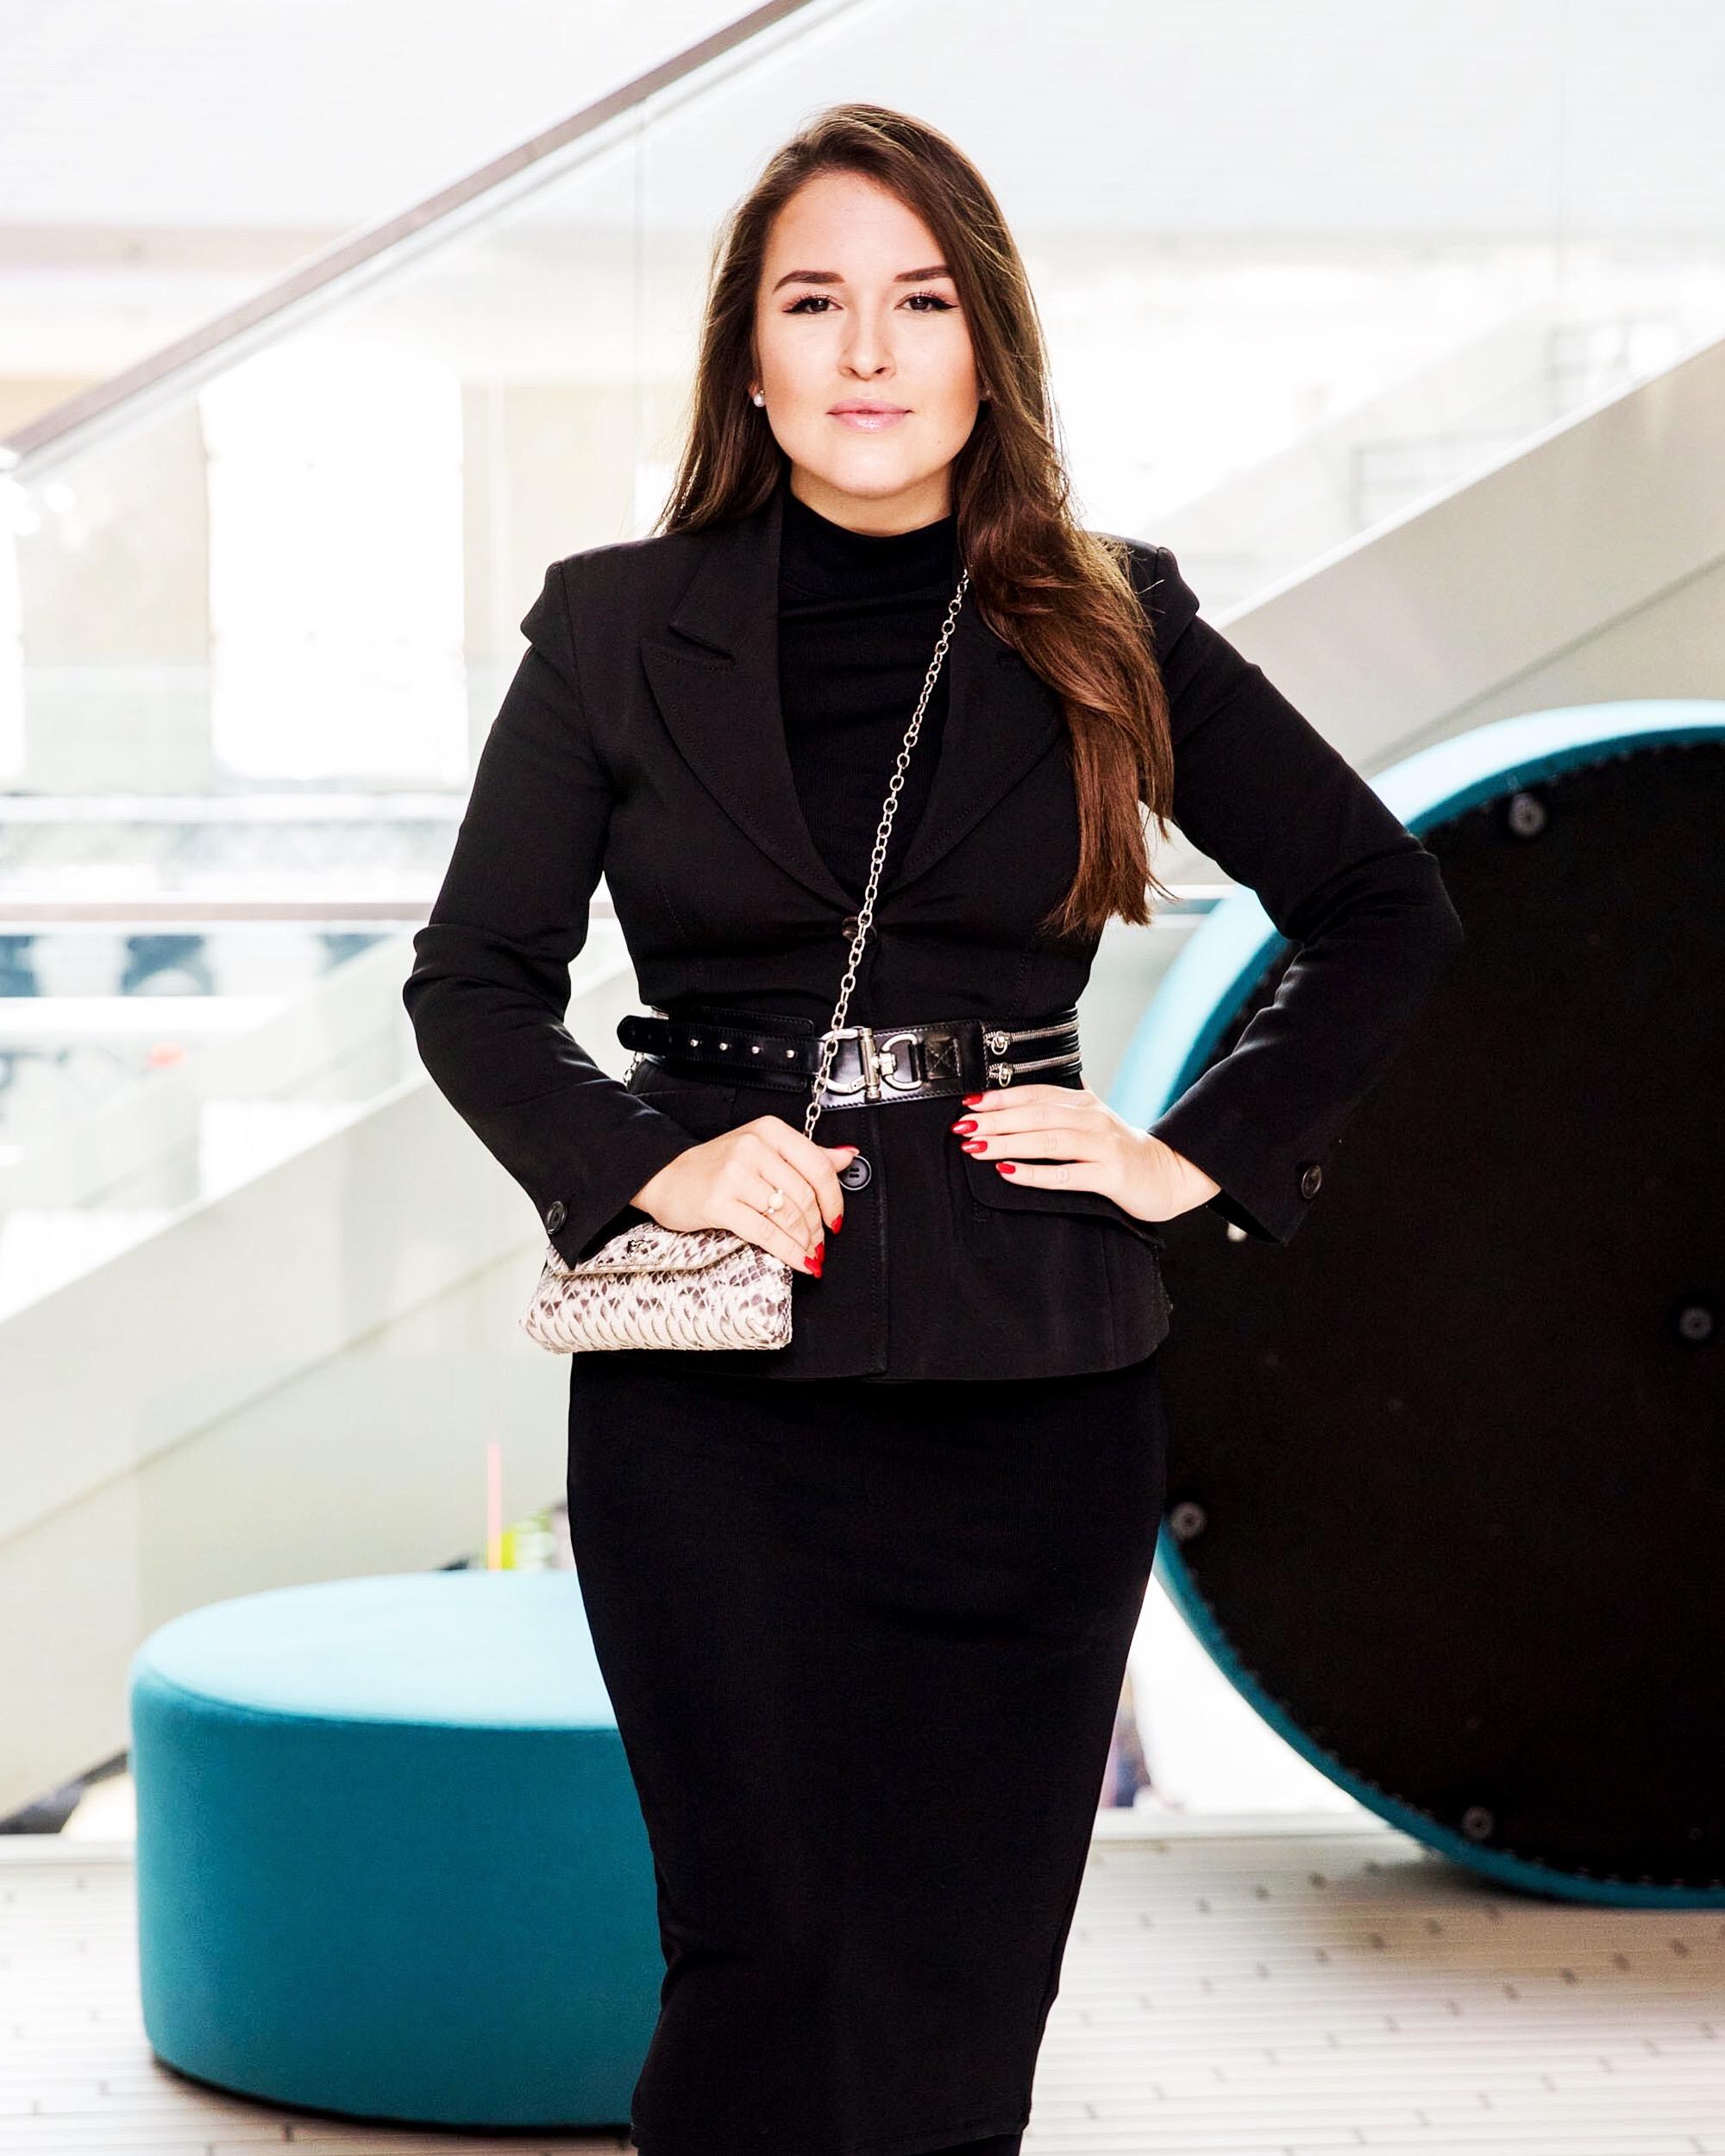 jauna moteris apsirengusi juodai